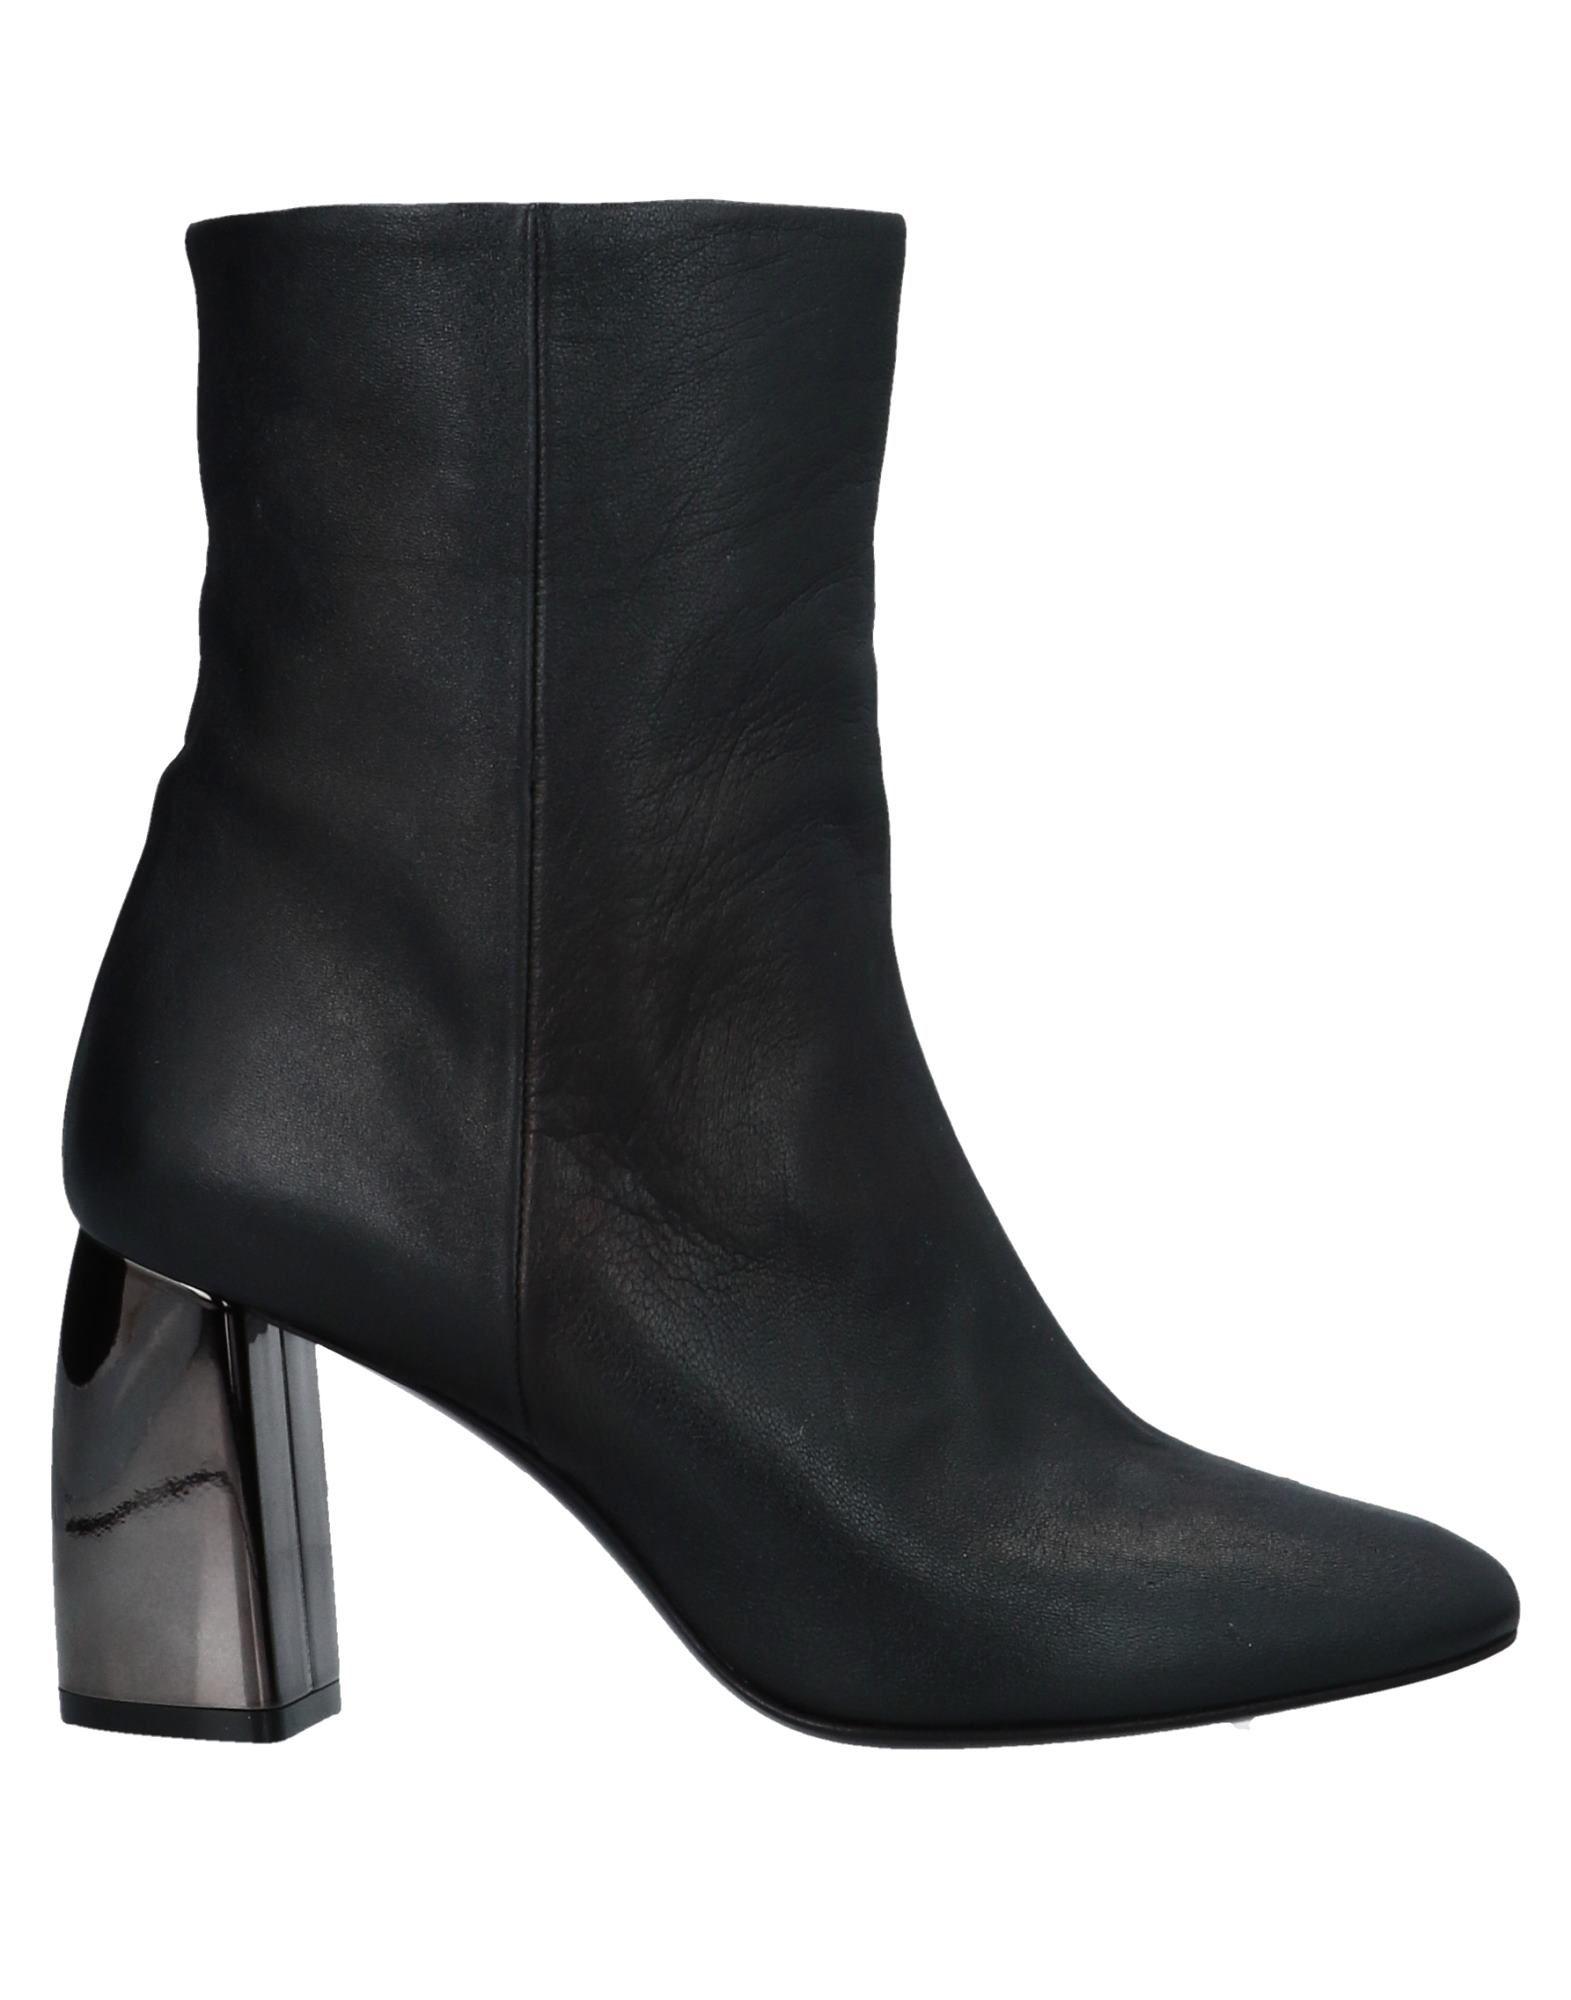 Marc Ellis Damen Stiefelette Damen Ellis  11536785XN Gute Qualität beliebte Schuhe 09c70b